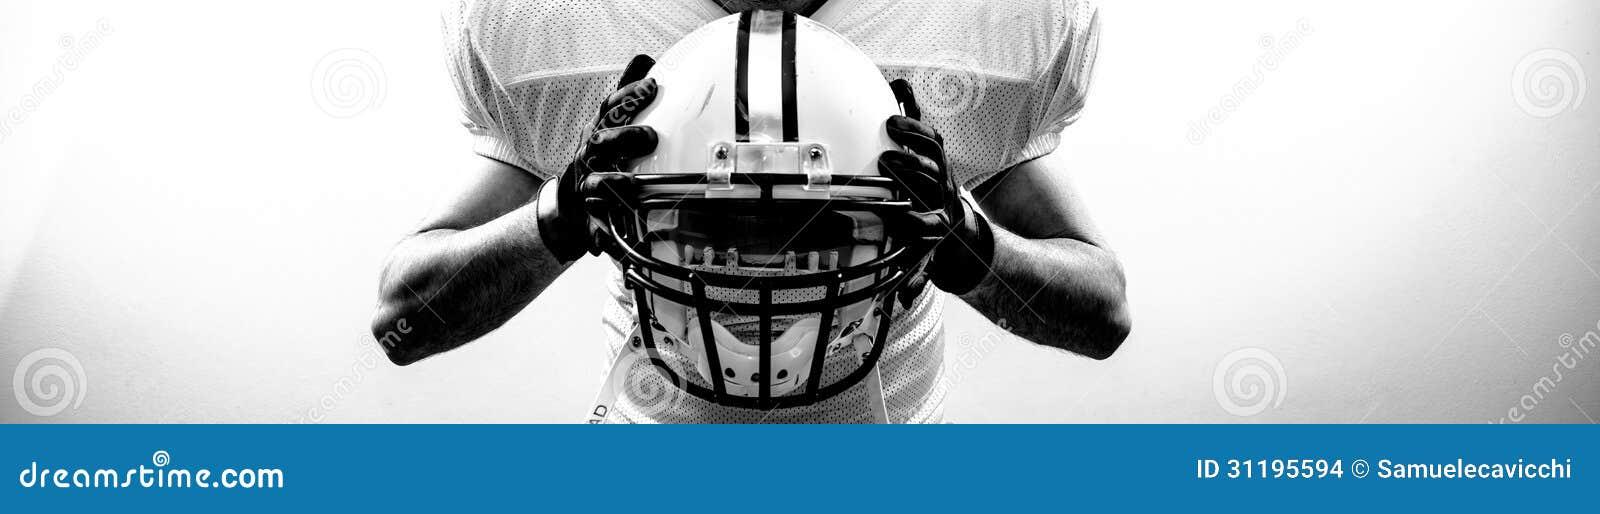 橄榄球runningback四分卫采取盔甲